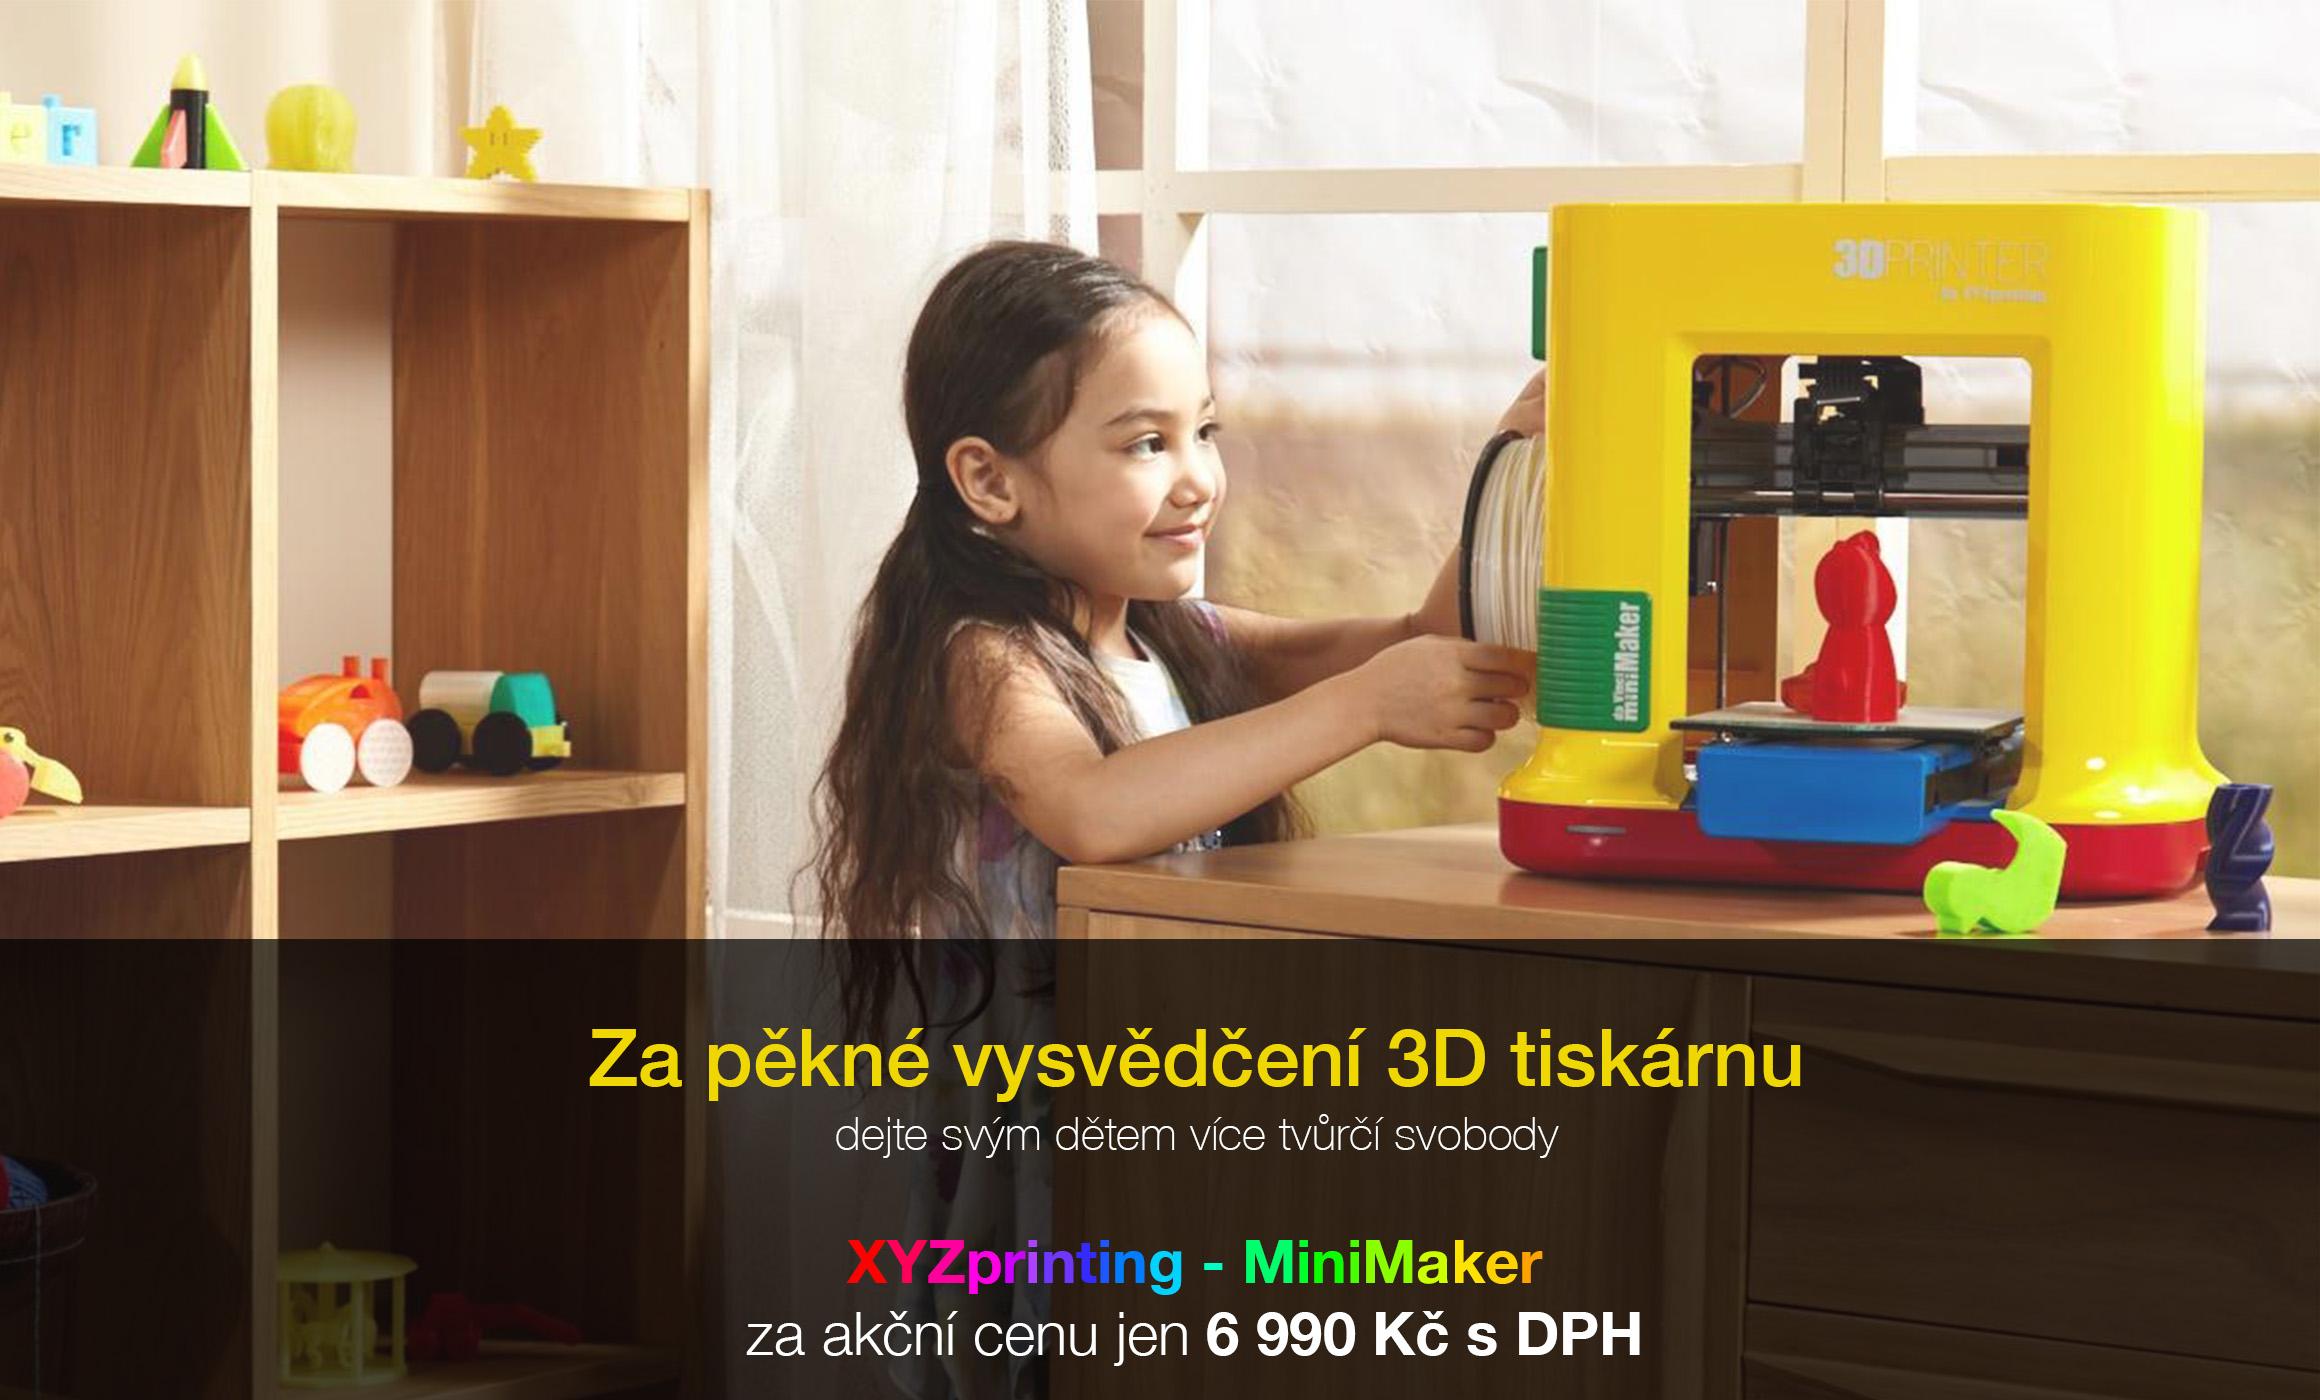 Za pěkné vysvědčení 3D tiskárnu